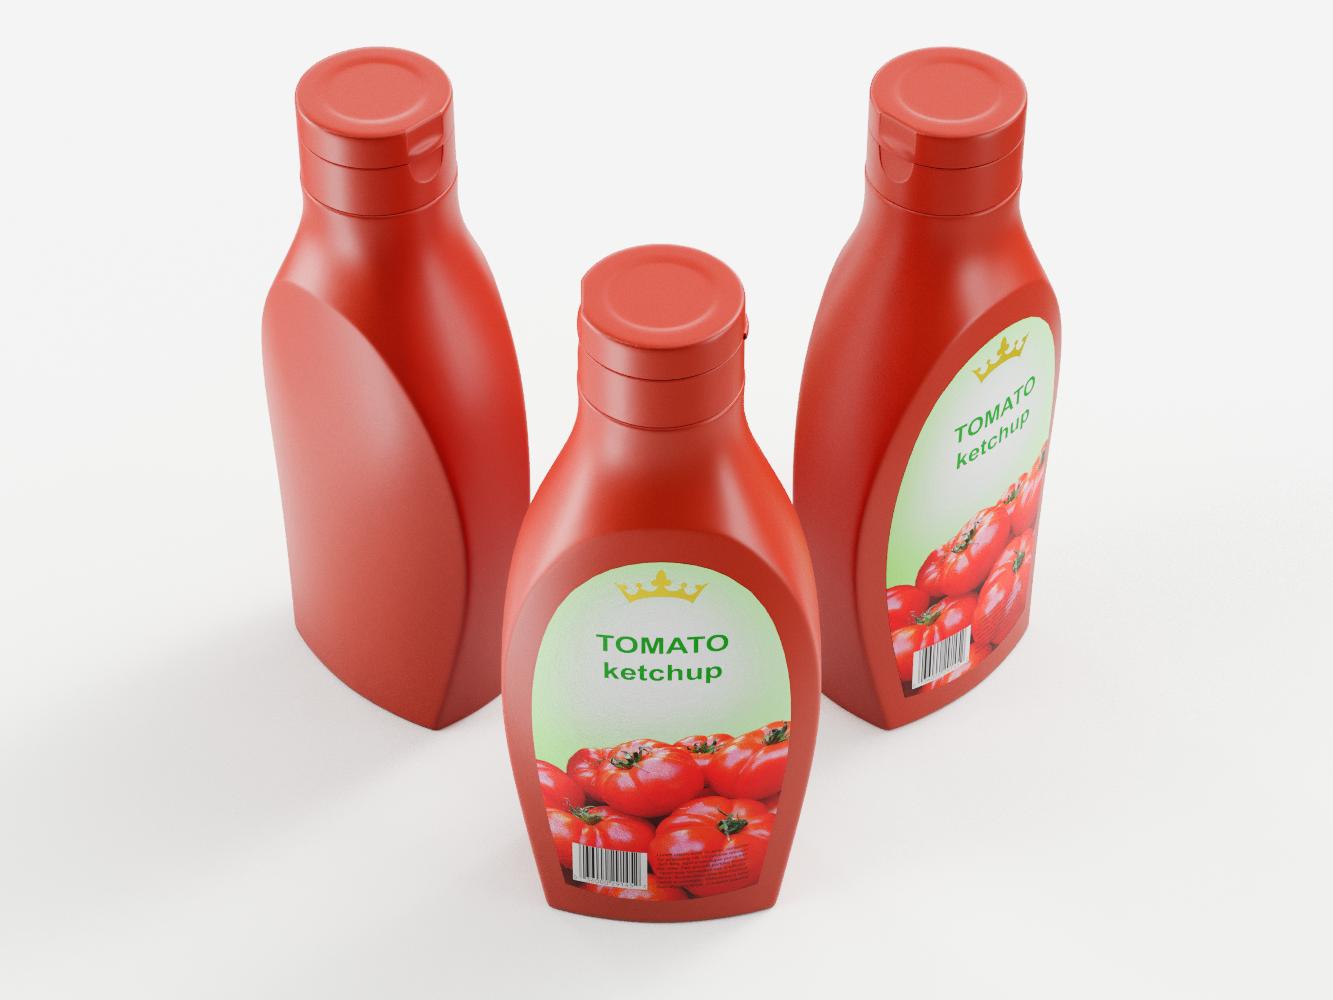 Plastic Tomato Ketchup Bottle Tomato Plastic Bottle Ketchup Ketchup Bottle Tomato Ketchup Ketchup